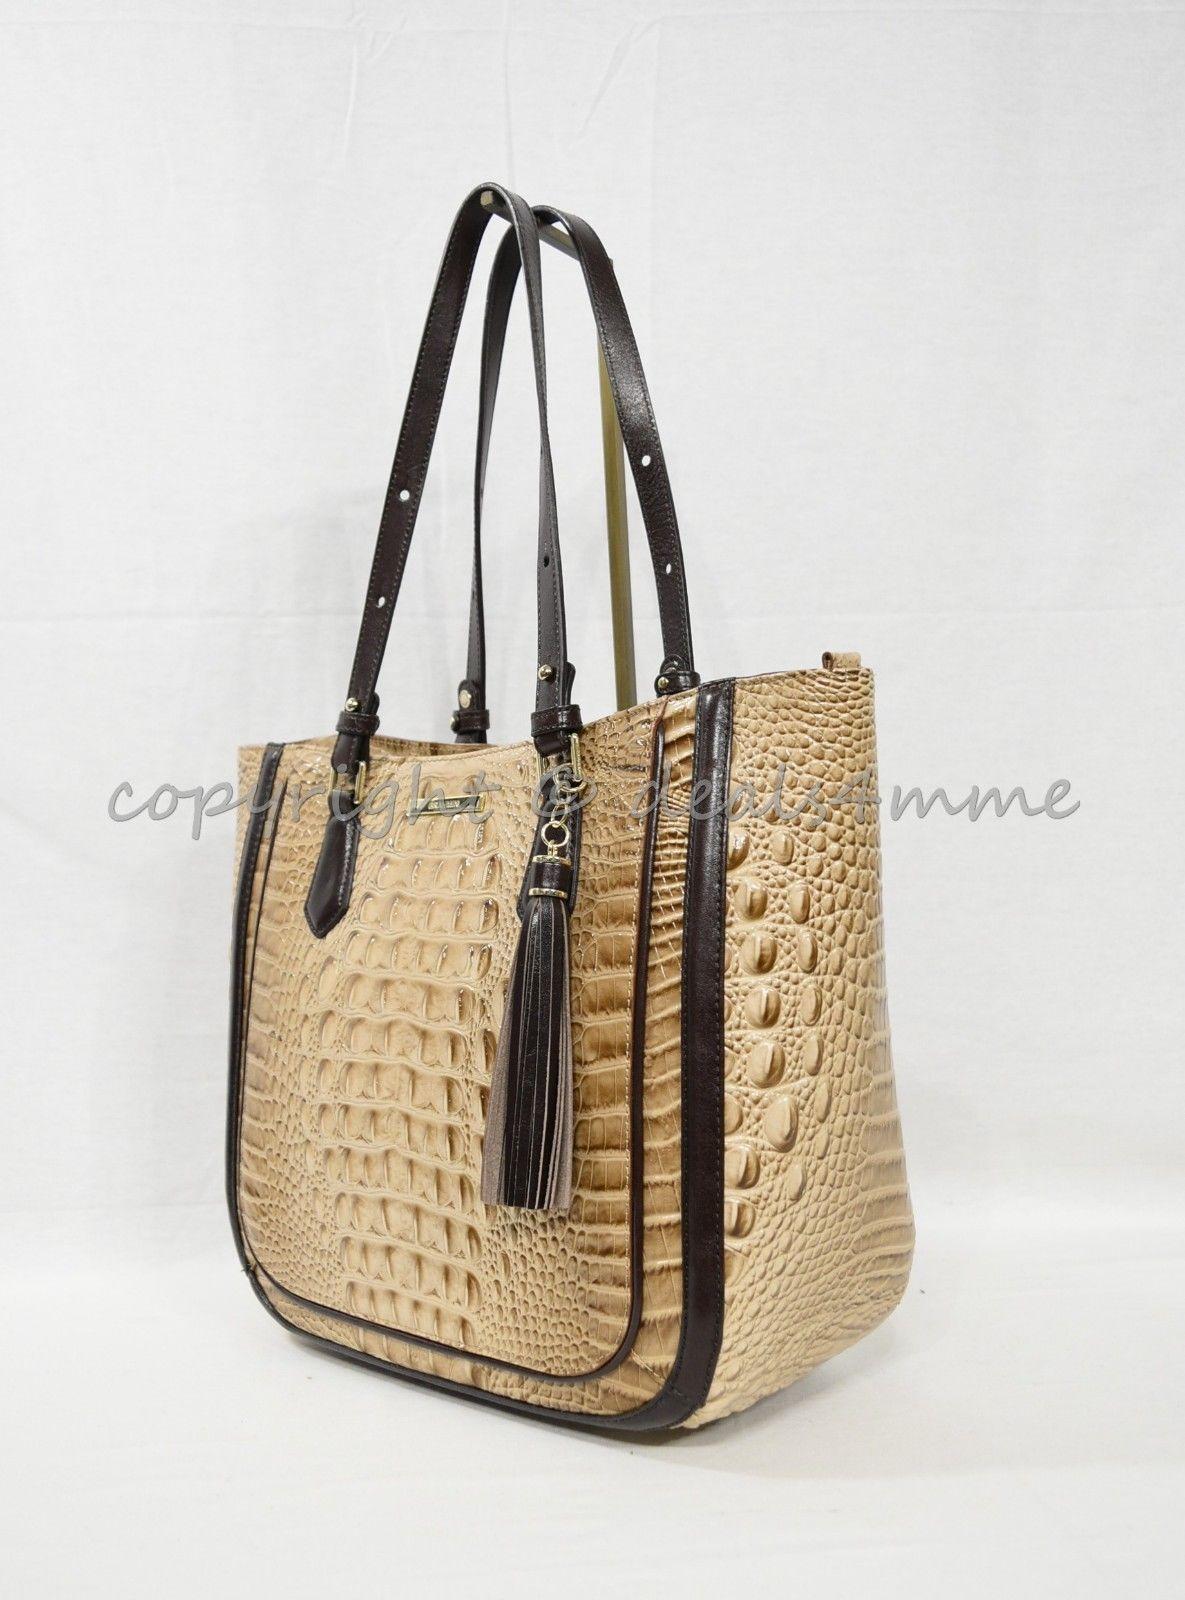 NWT  Brahmin Medium Lena Leather Tote/Shoulder Bag in Travertine Vermeer